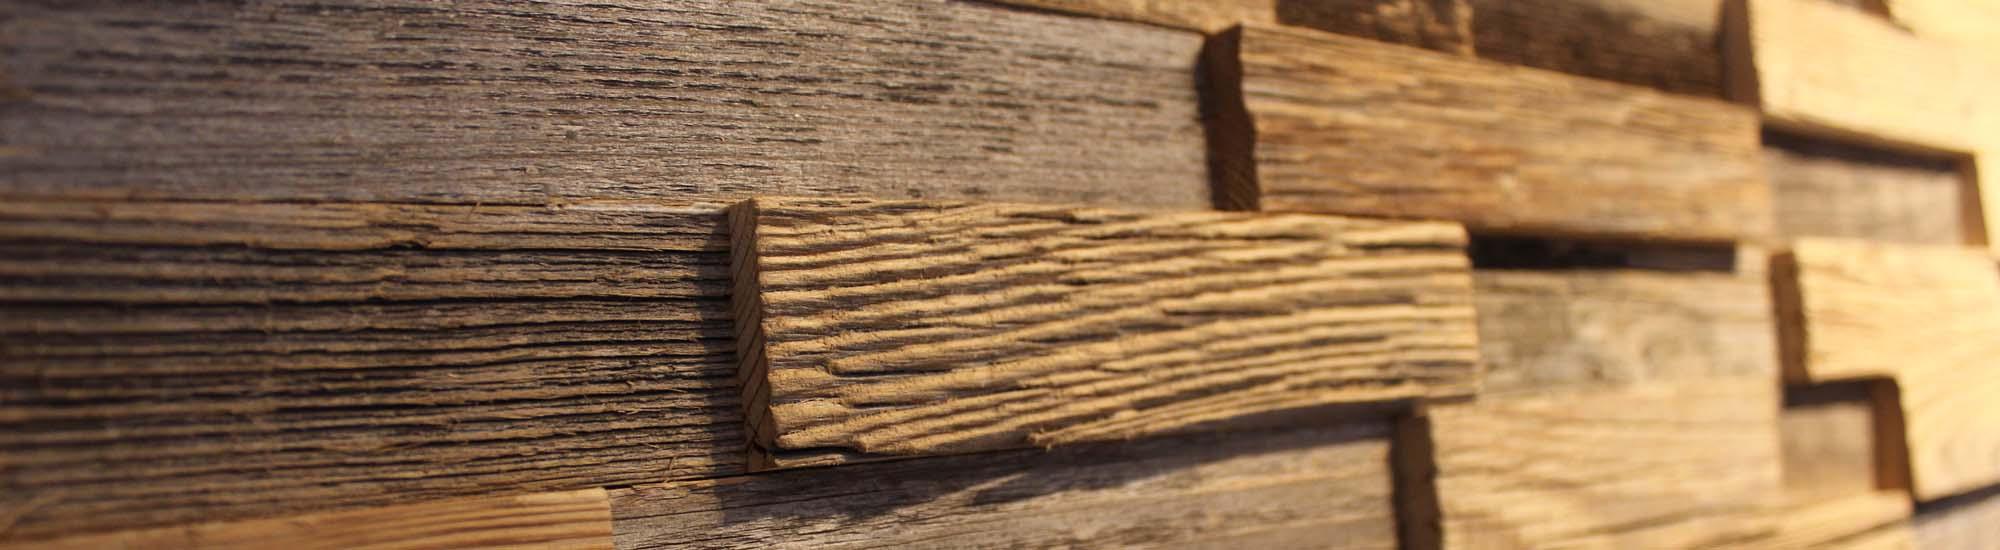 MSM Vakuumpressen Verleimung Altholz Vertaefelung